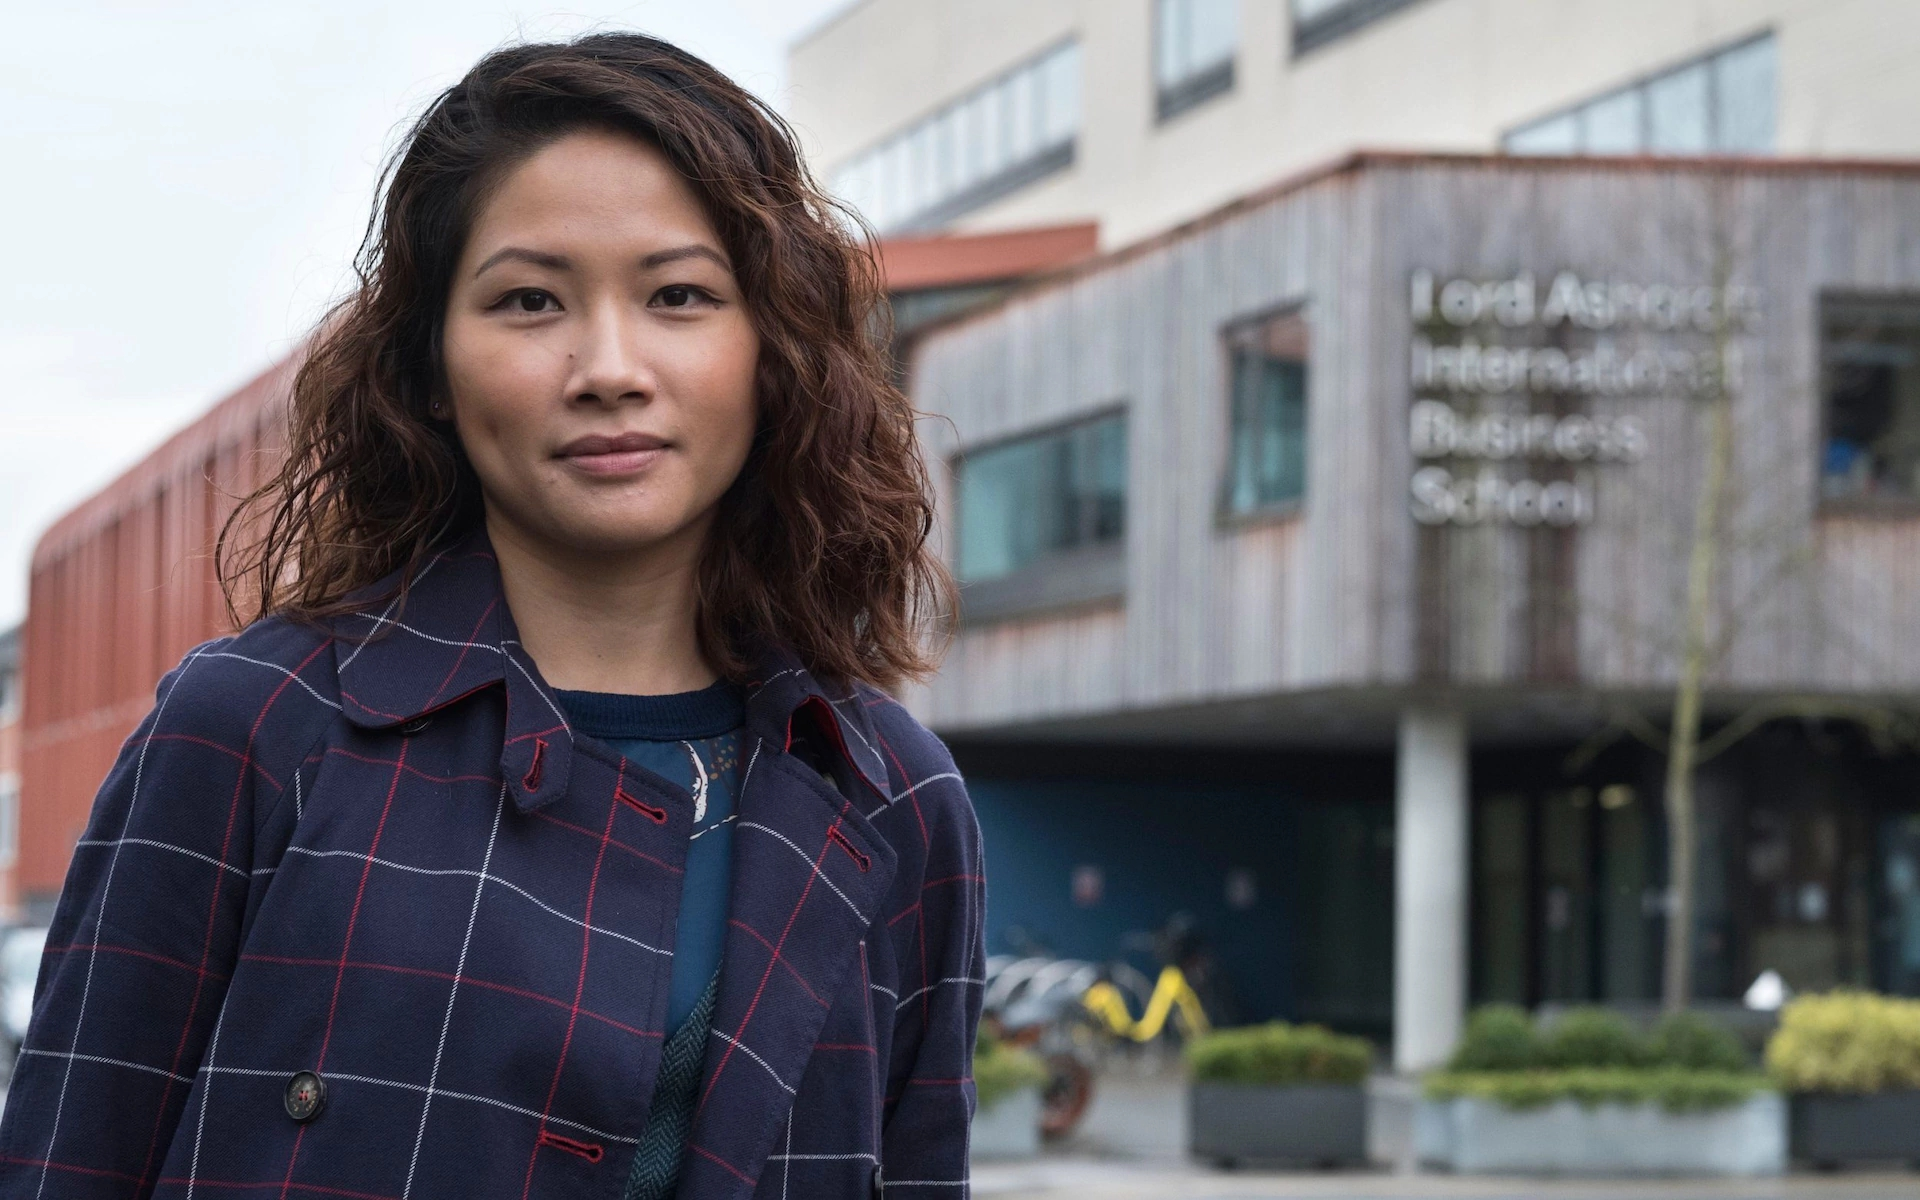 毕业找不到工作,中国女留学生向英国大学索赔